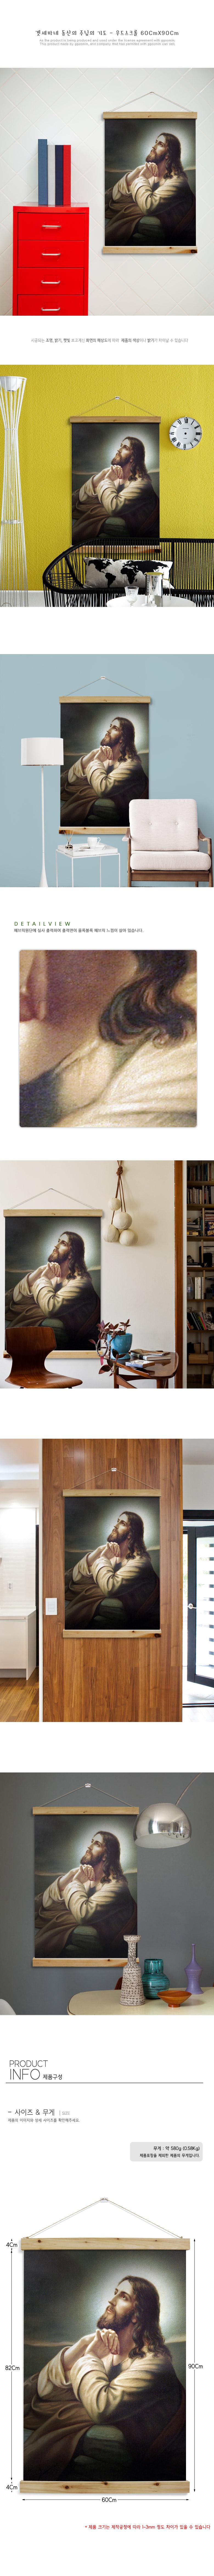 우드스크롤_60CmX90Cm-겟세마네동산의주님의기도 - 꾸밈, 32,800원, 홈갤러리, 패브릭포스터